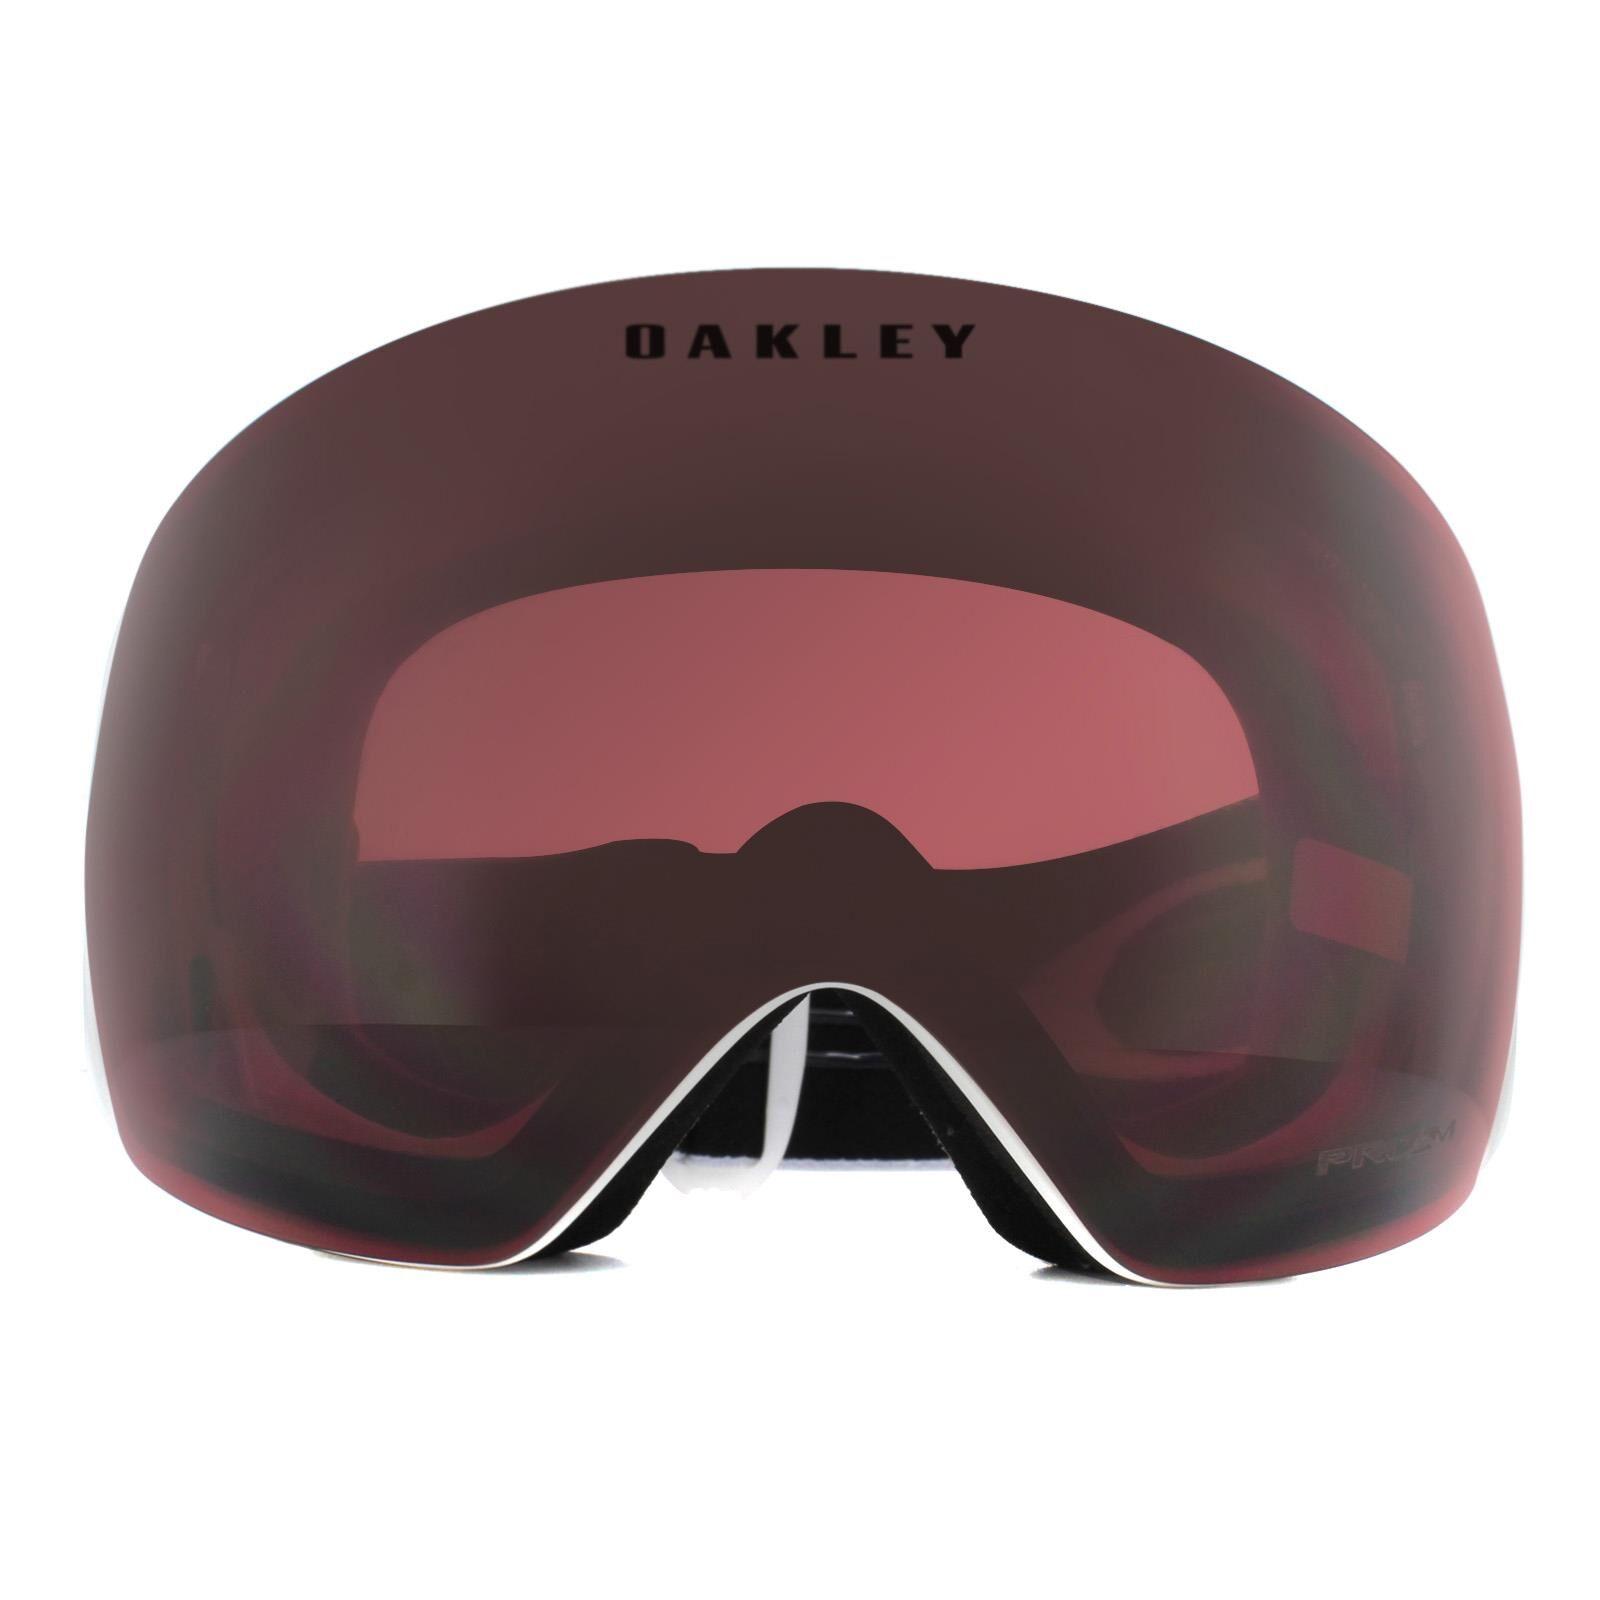 Oakley Ski Goggles Flight Deck OO7050-92 Matte White Prizm Snow Dark Grey